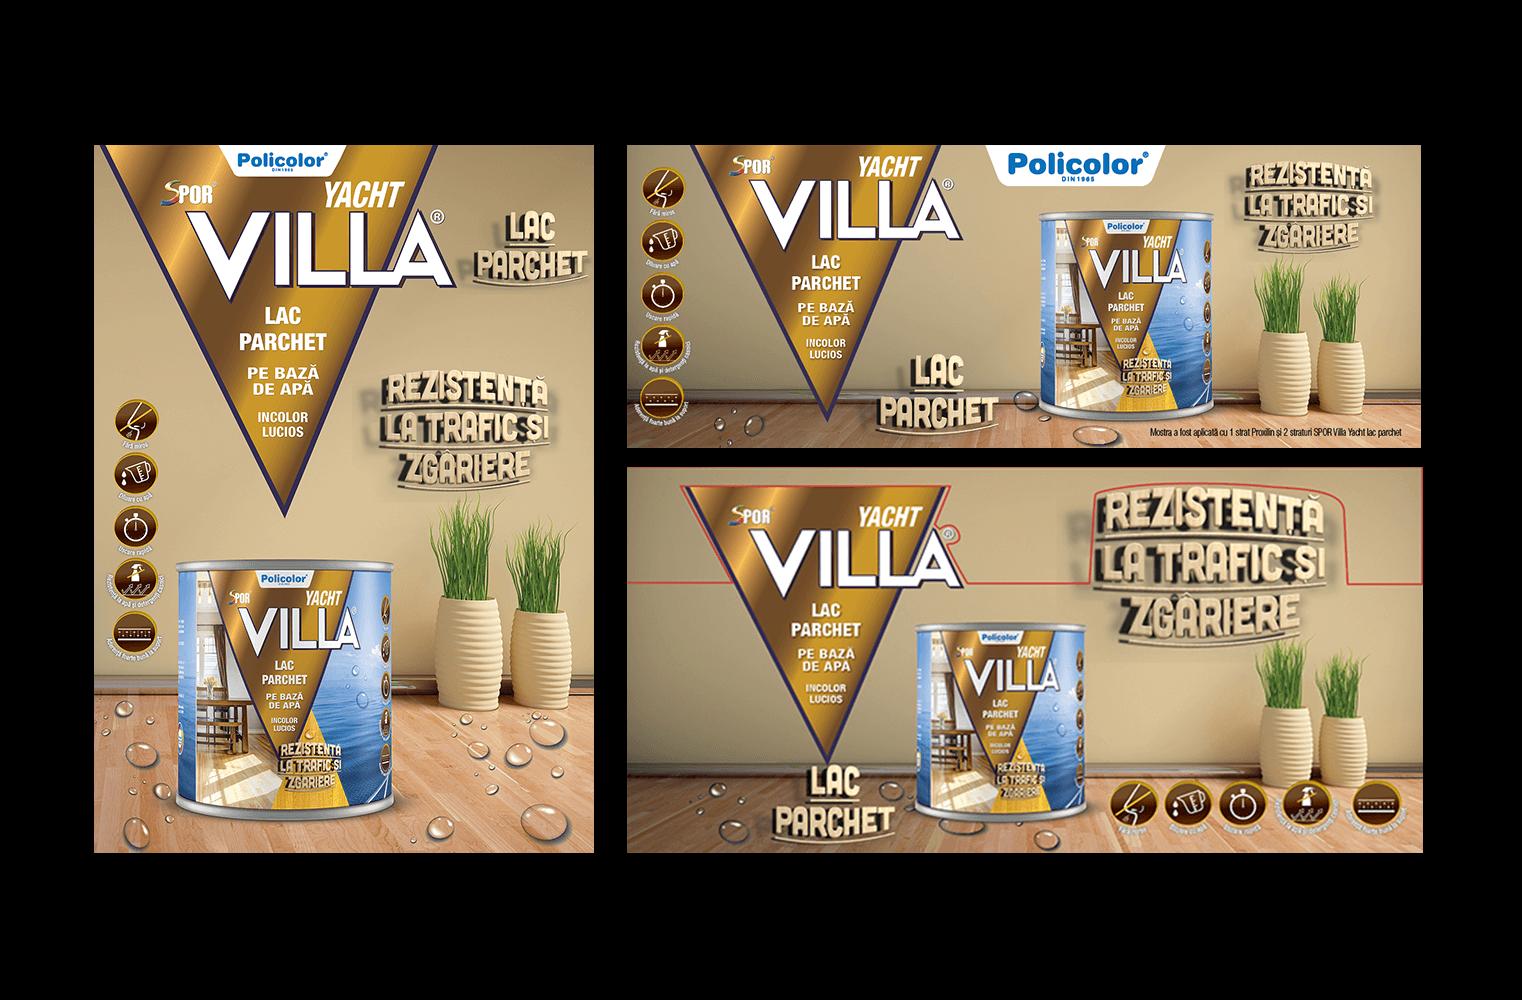 policolor_spor-villa-yacht-lac-parchet-4